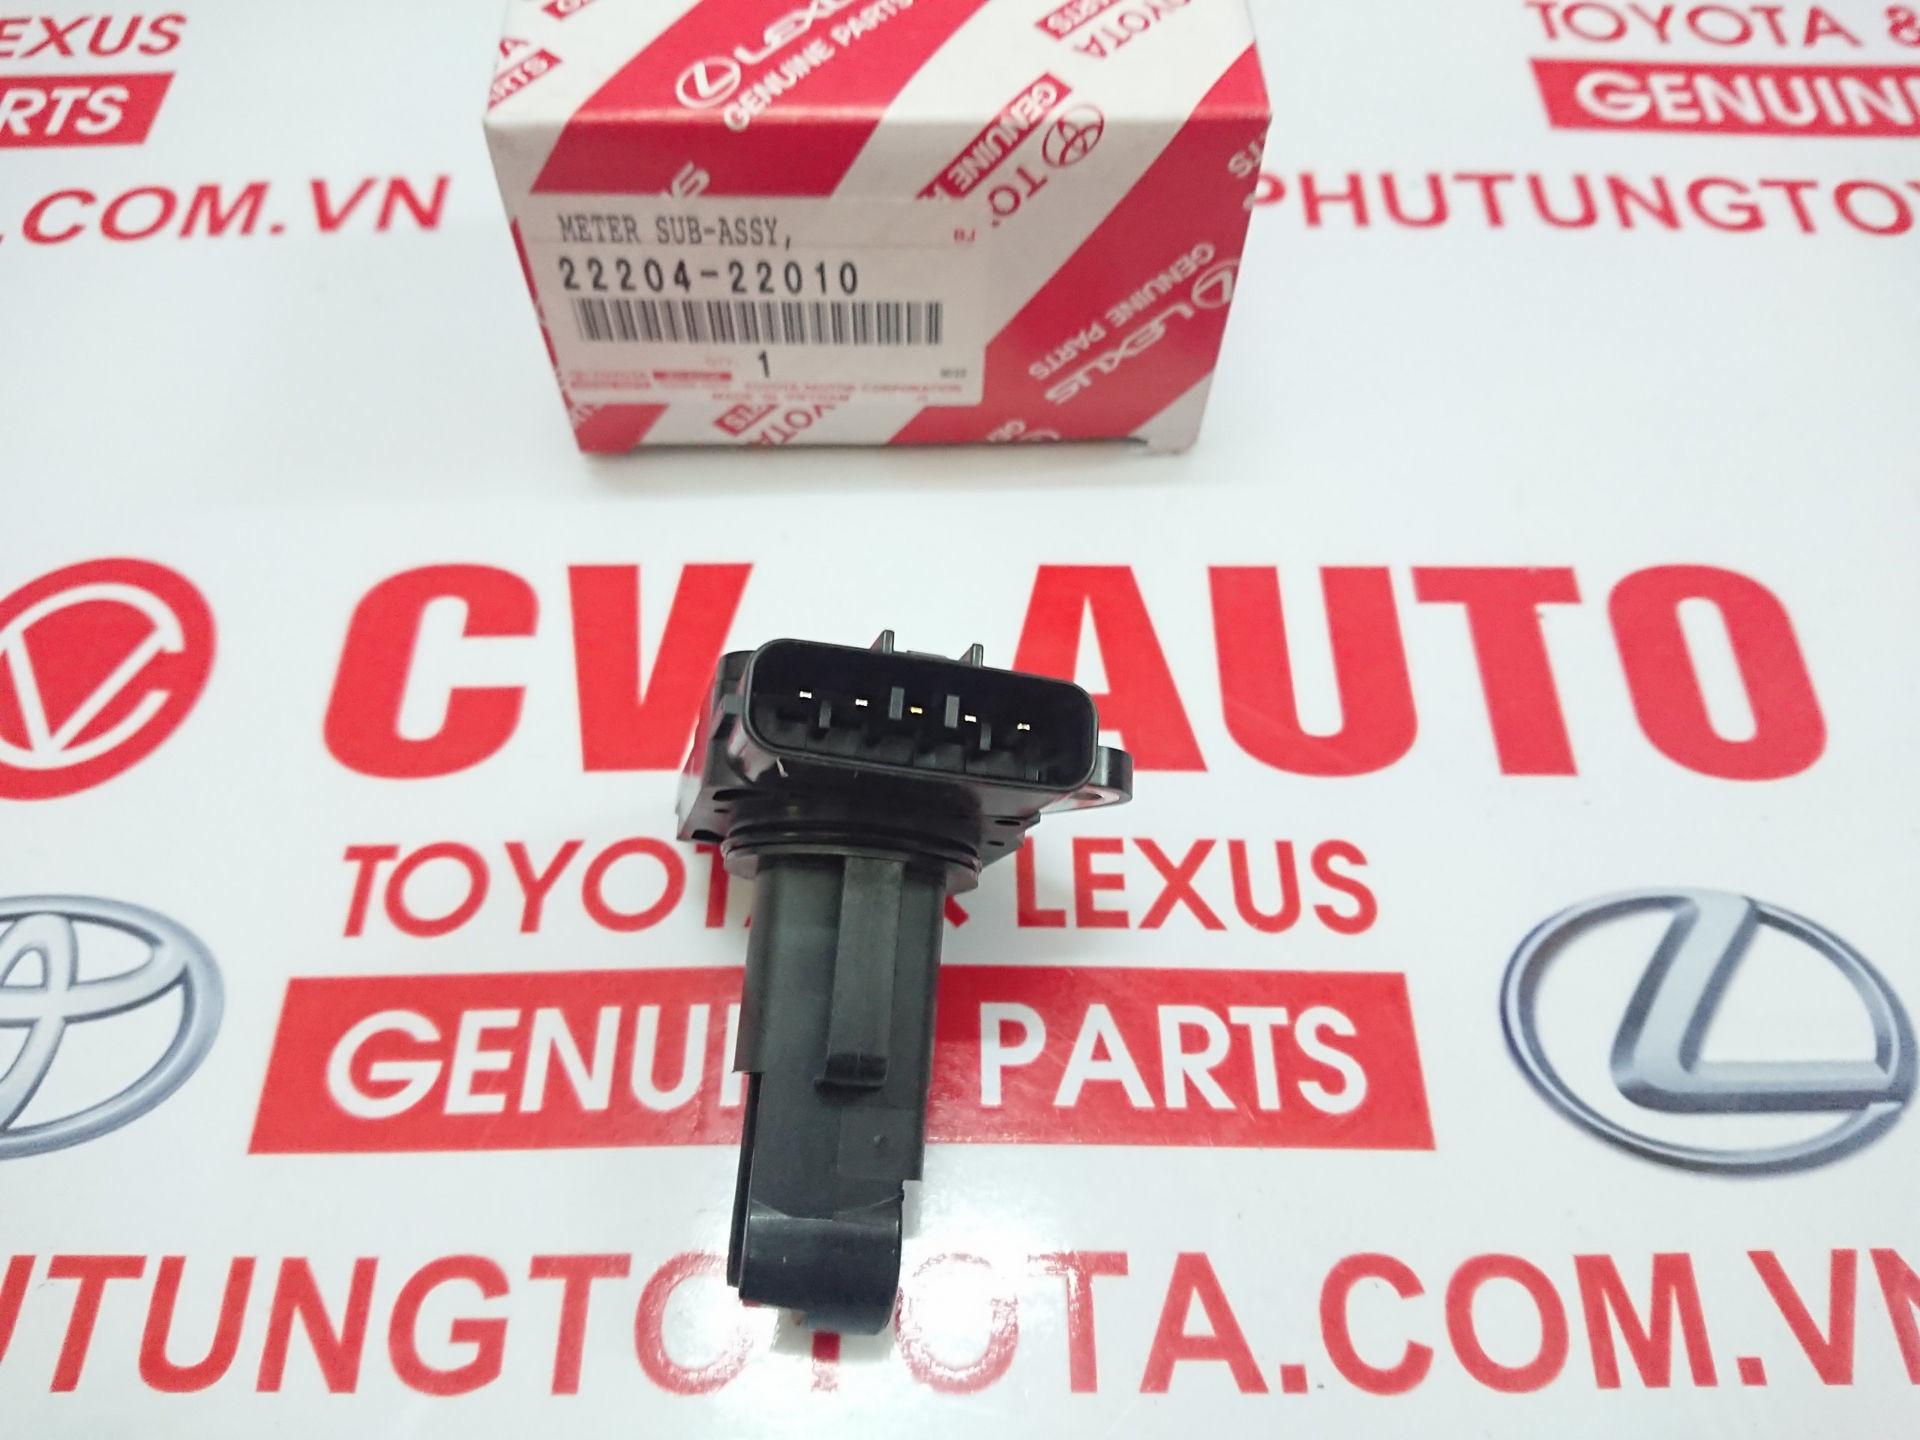 Picture of 22204-22010 Cảm biến lưu lượng gió Toyota, Lexus chính hãng